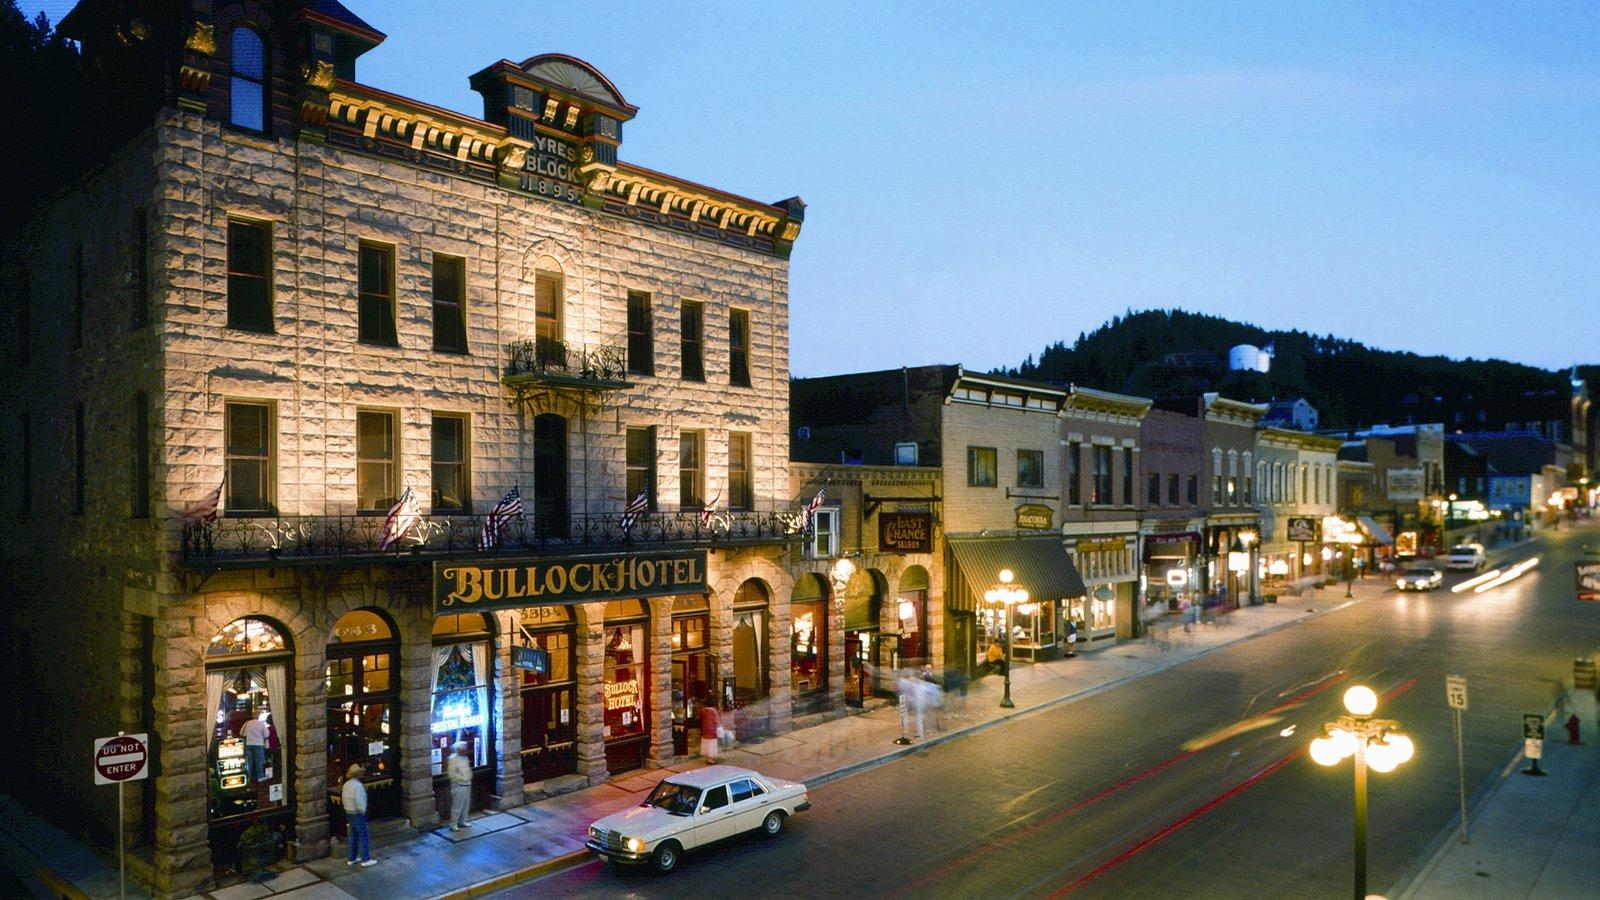 Deadwood que inclui cenas noturnas, cenas de rua e sinalização